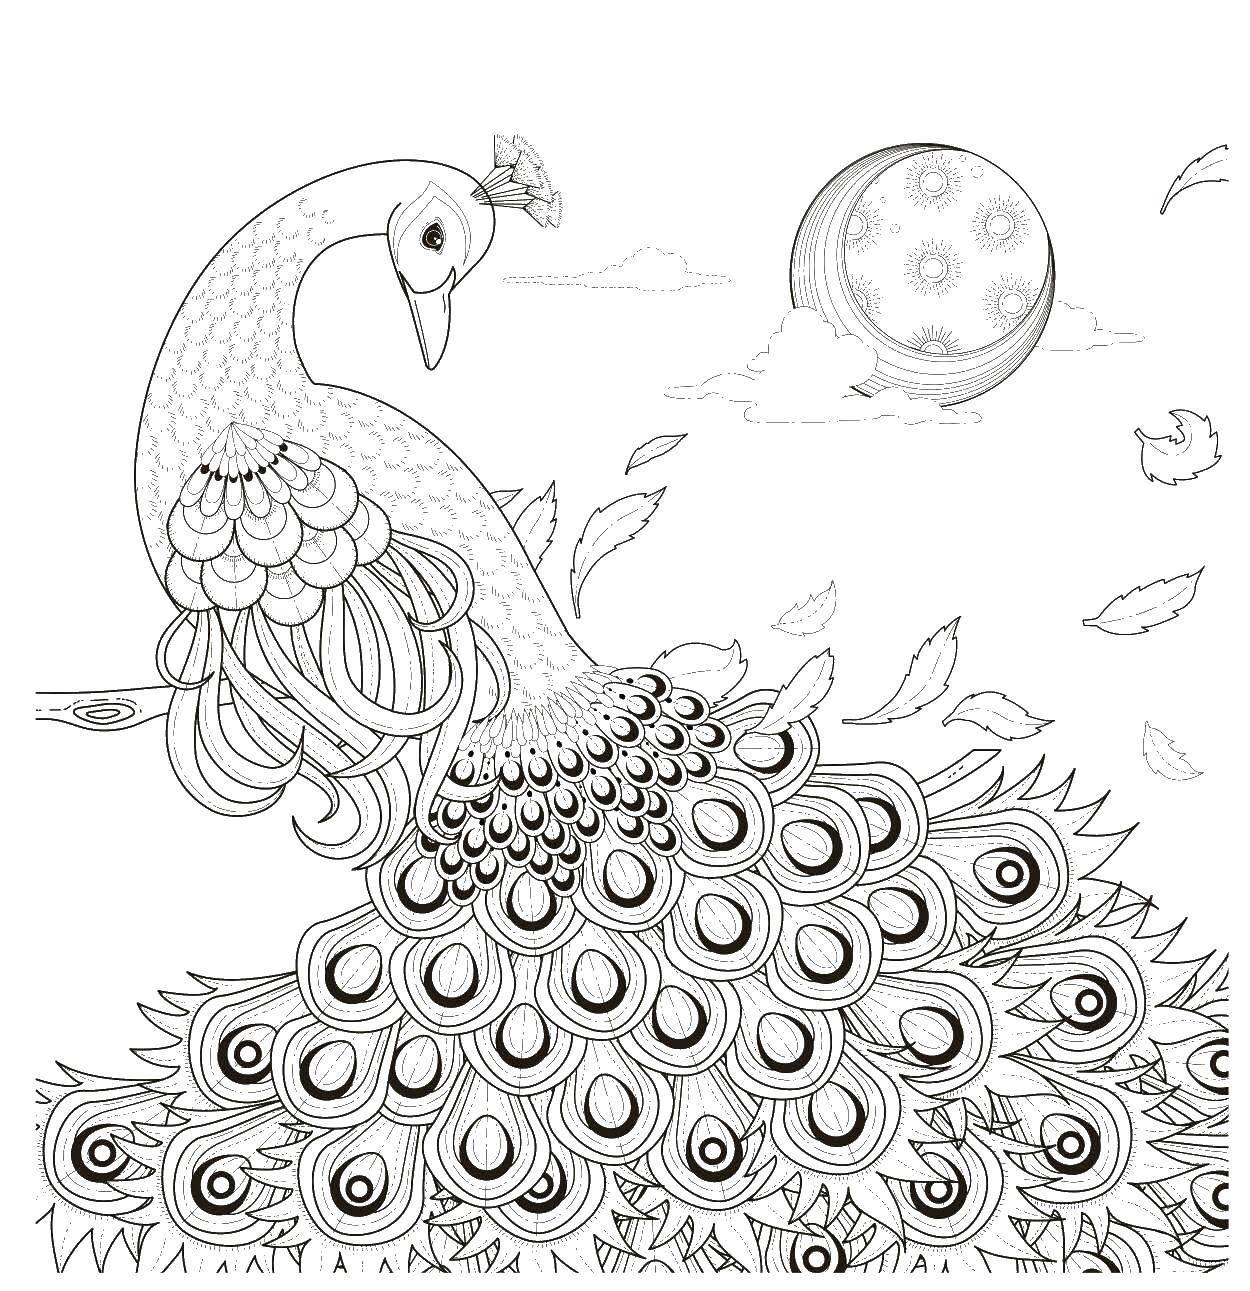 Раскраски домашние птицы павлин, птицы зоопарка павлины  Красивый павлин на фоне луны